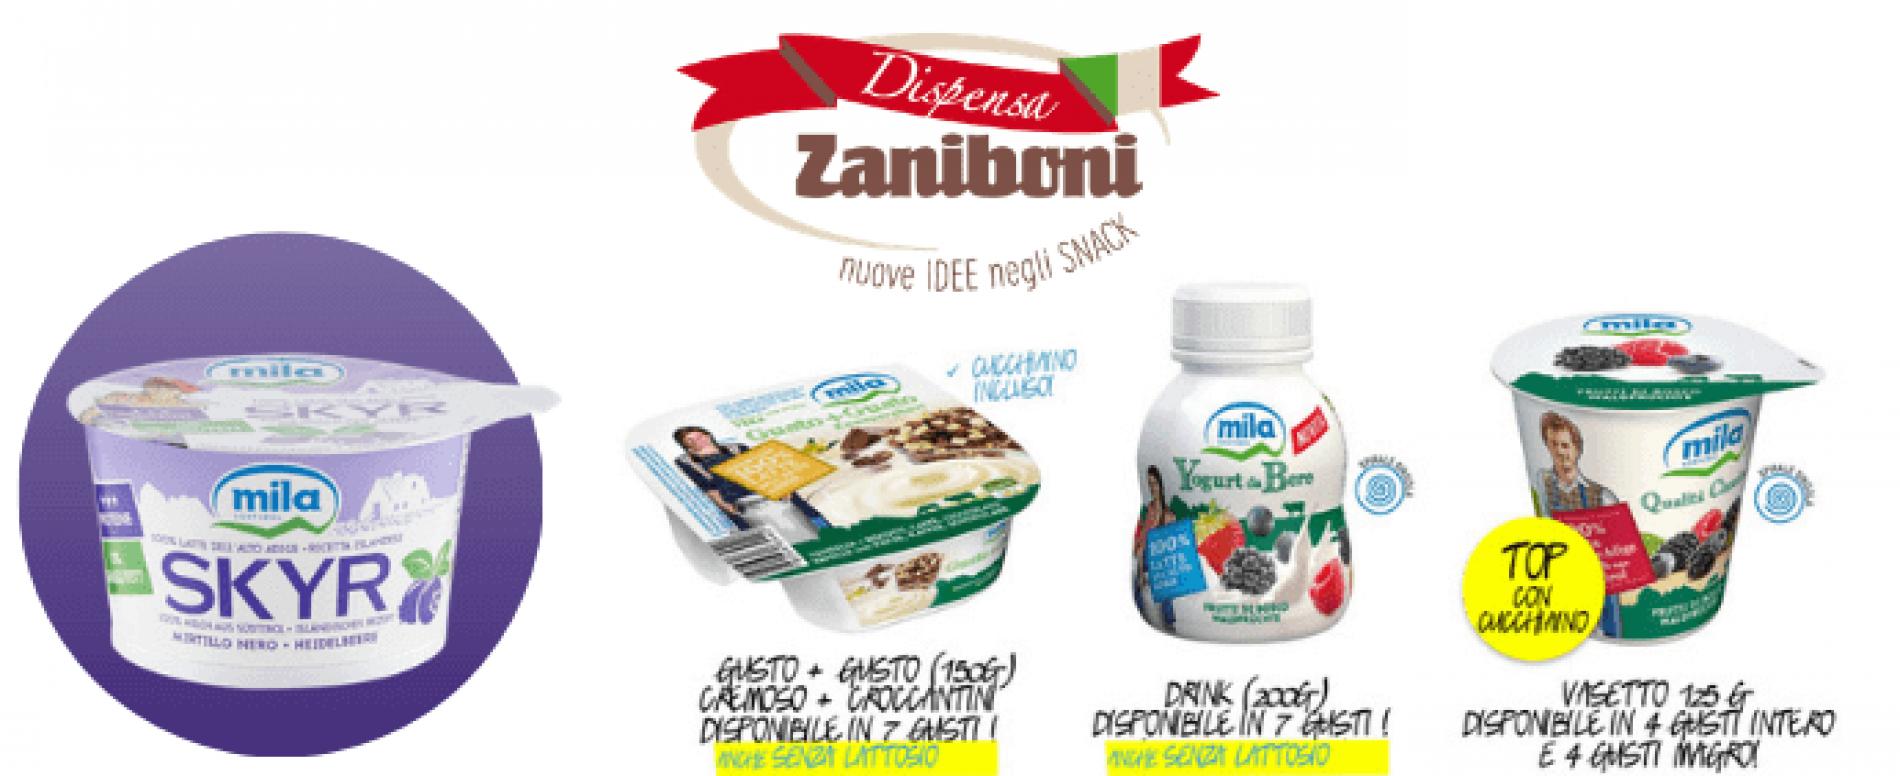 Mila e Dispensa Zaniboni: dopo lo yogurt presentano SKYR